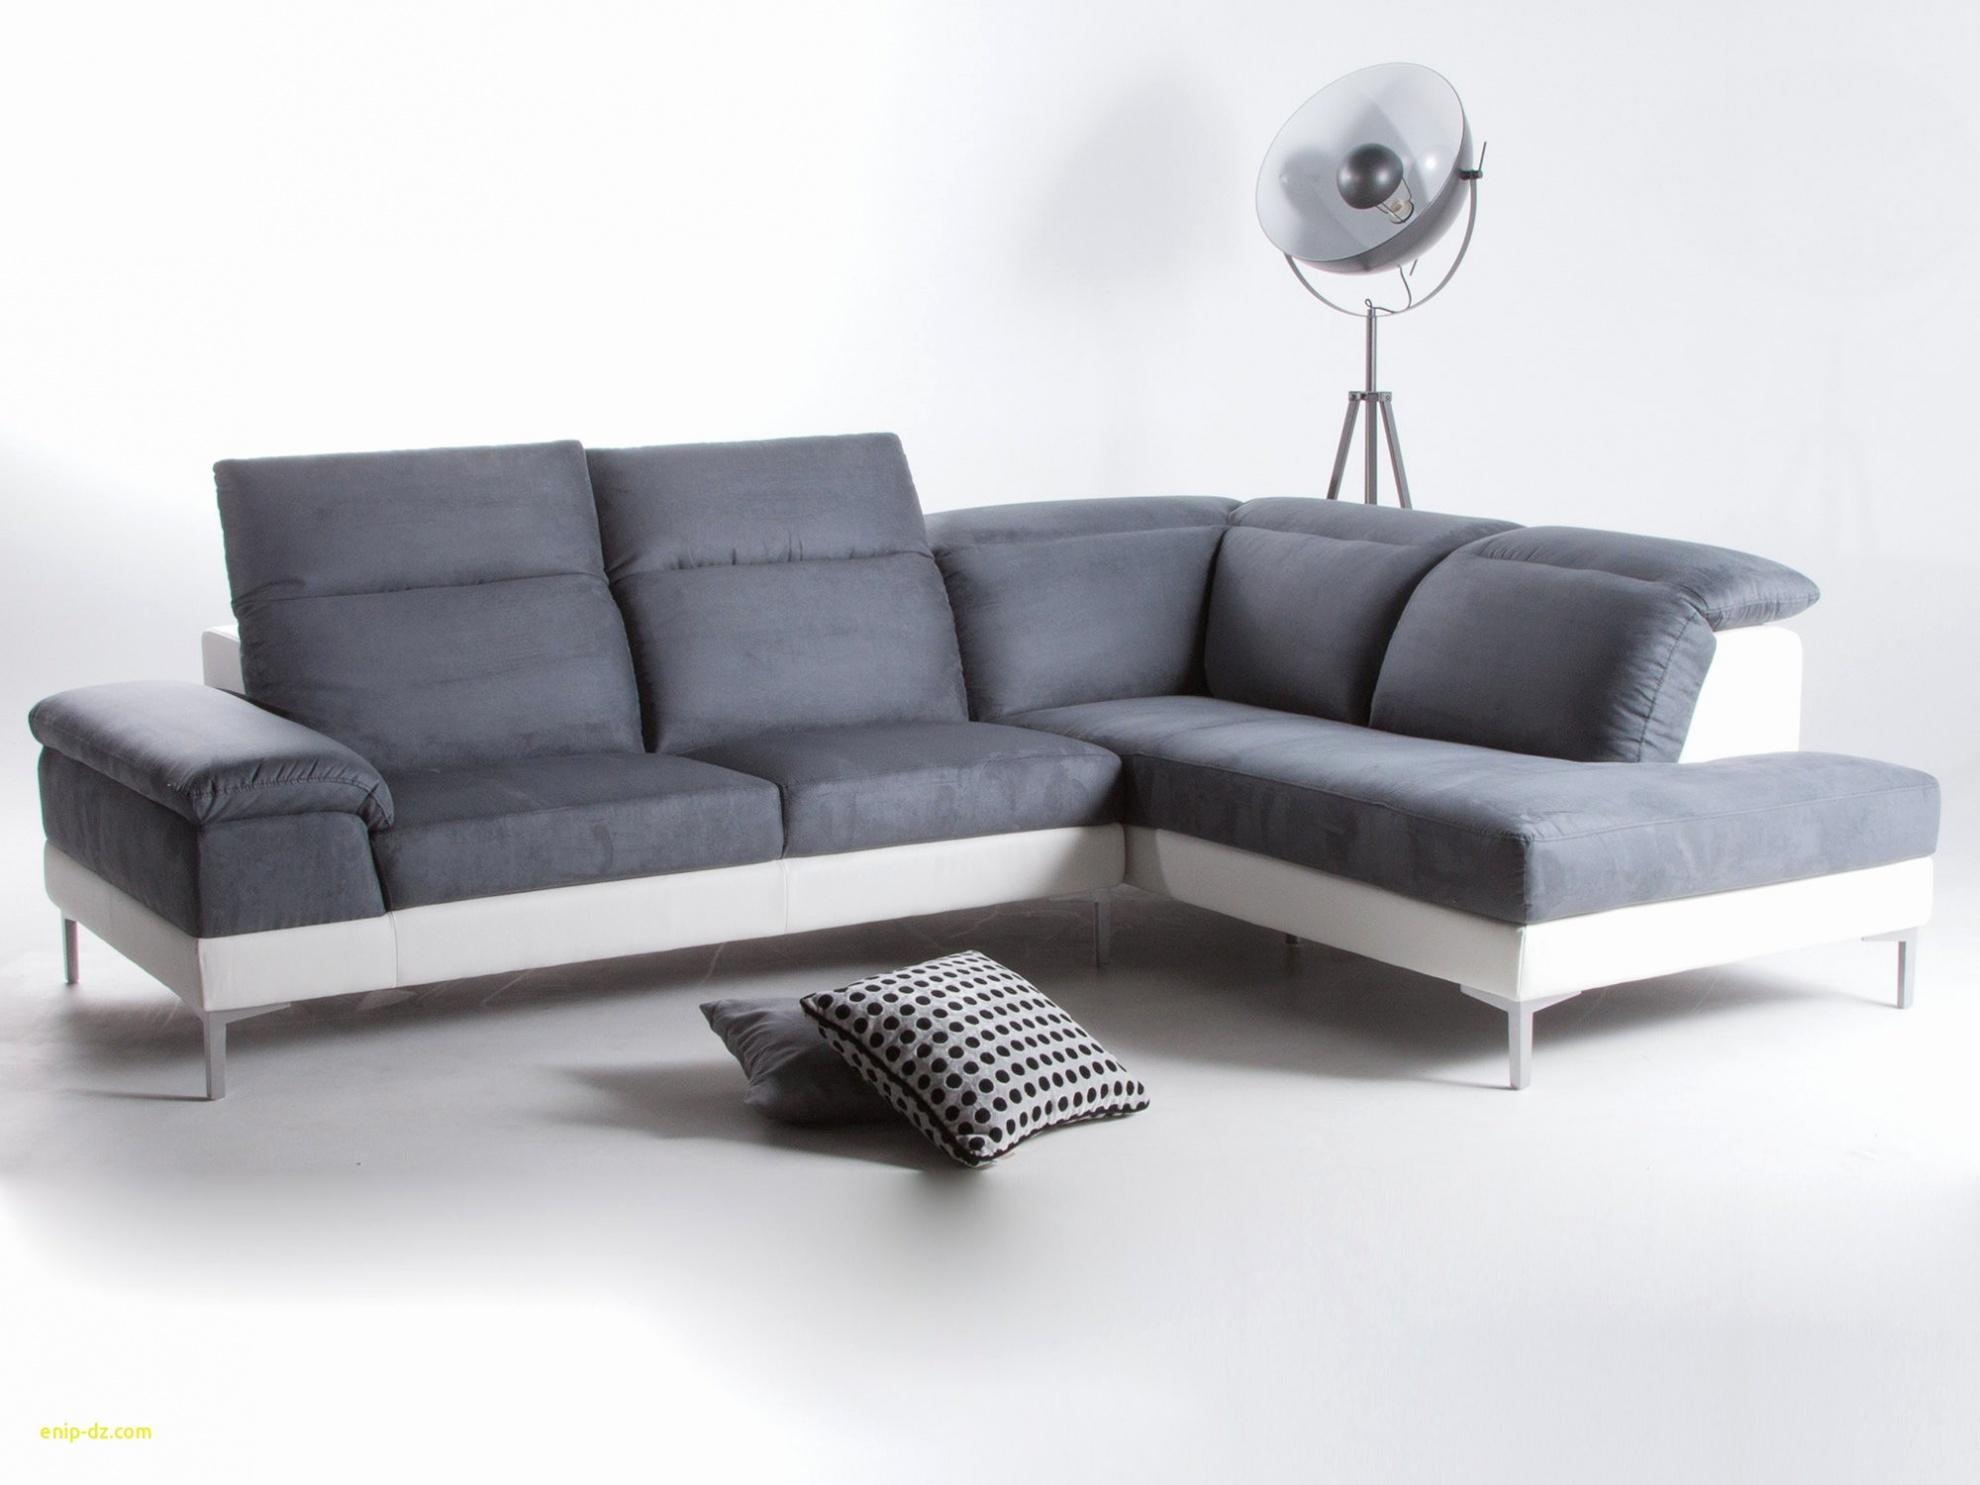 Canapé Jimi La Redoute Meilleur De Image Maha S Couch 7 Places Home Mahagranda